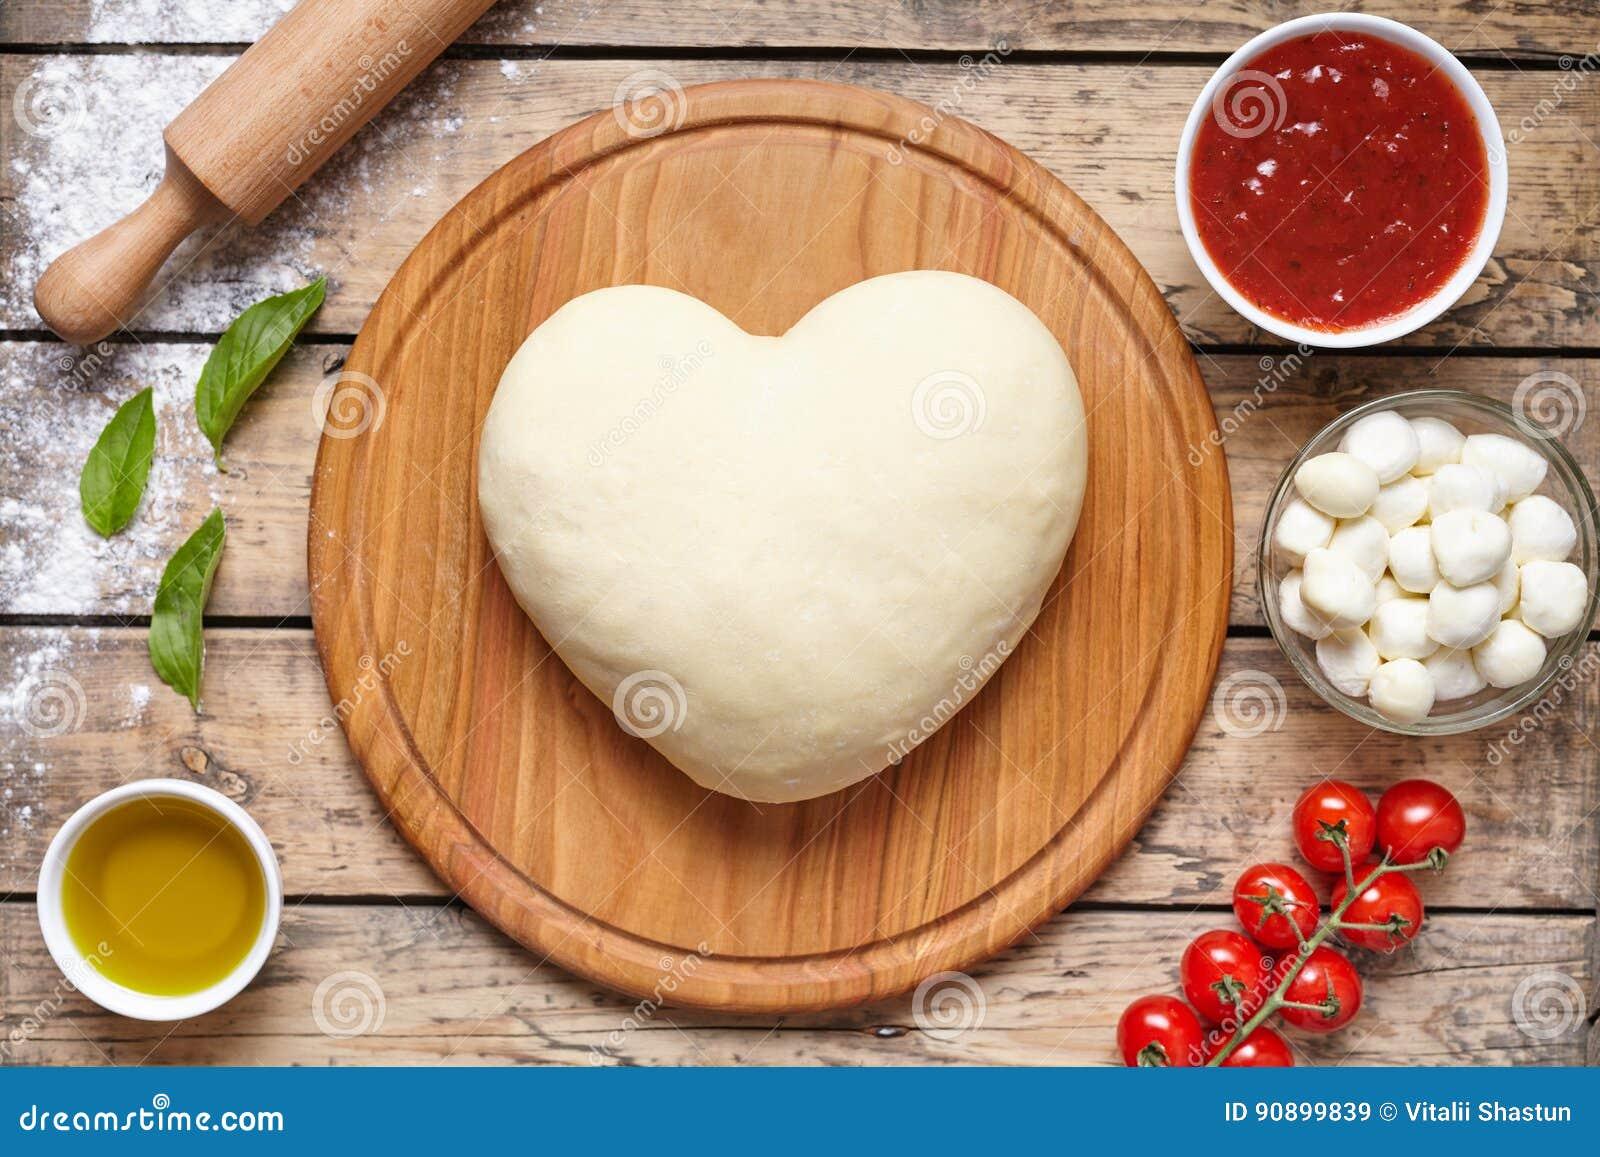 Hart gevormde pizza kokende ingrediënten Deeg, mozarella, tomaten, basilicum, olijfolie, kruiden Het werk met het deeg bovenkant